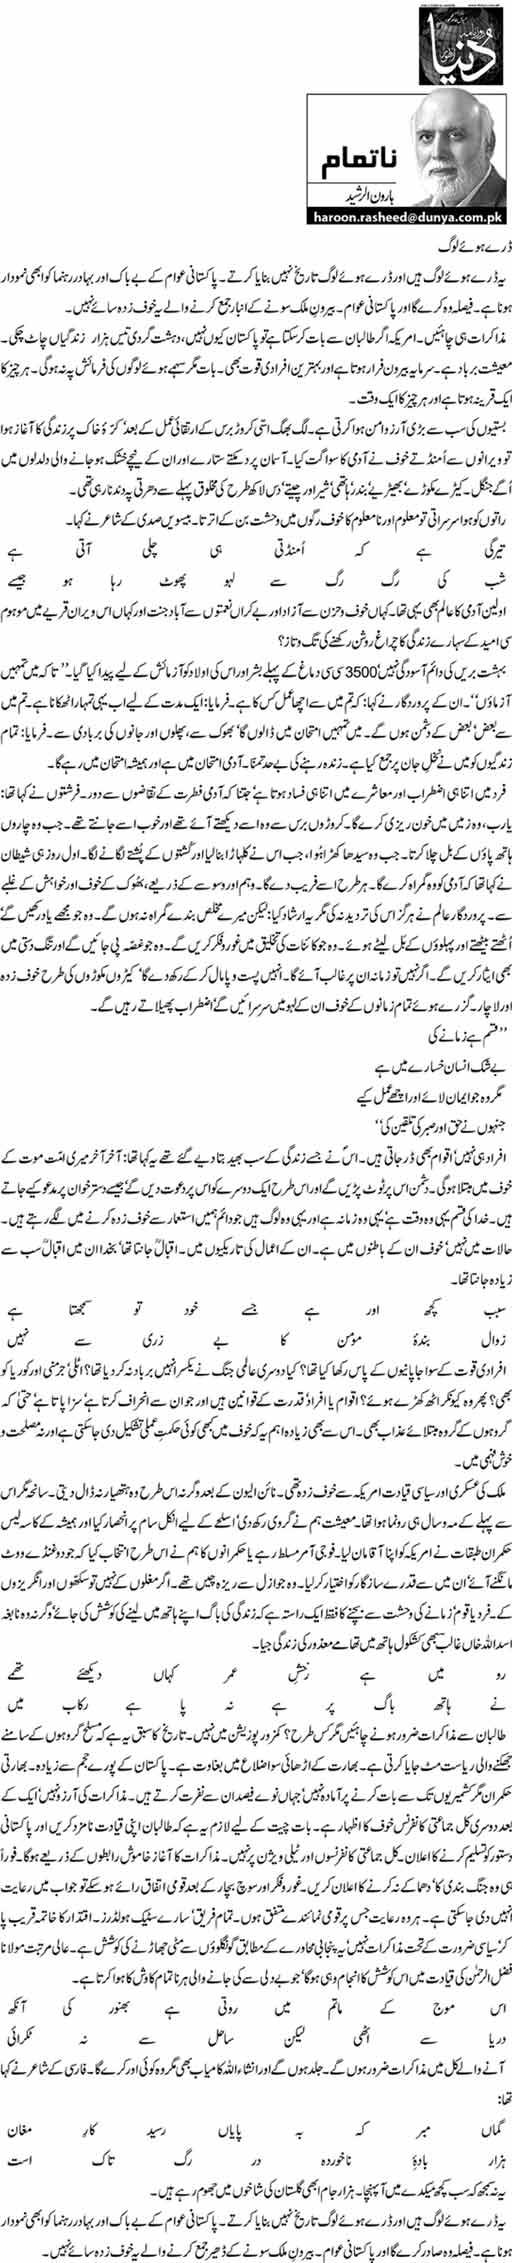 Dray hway log - Haroon-ur-Rahseed